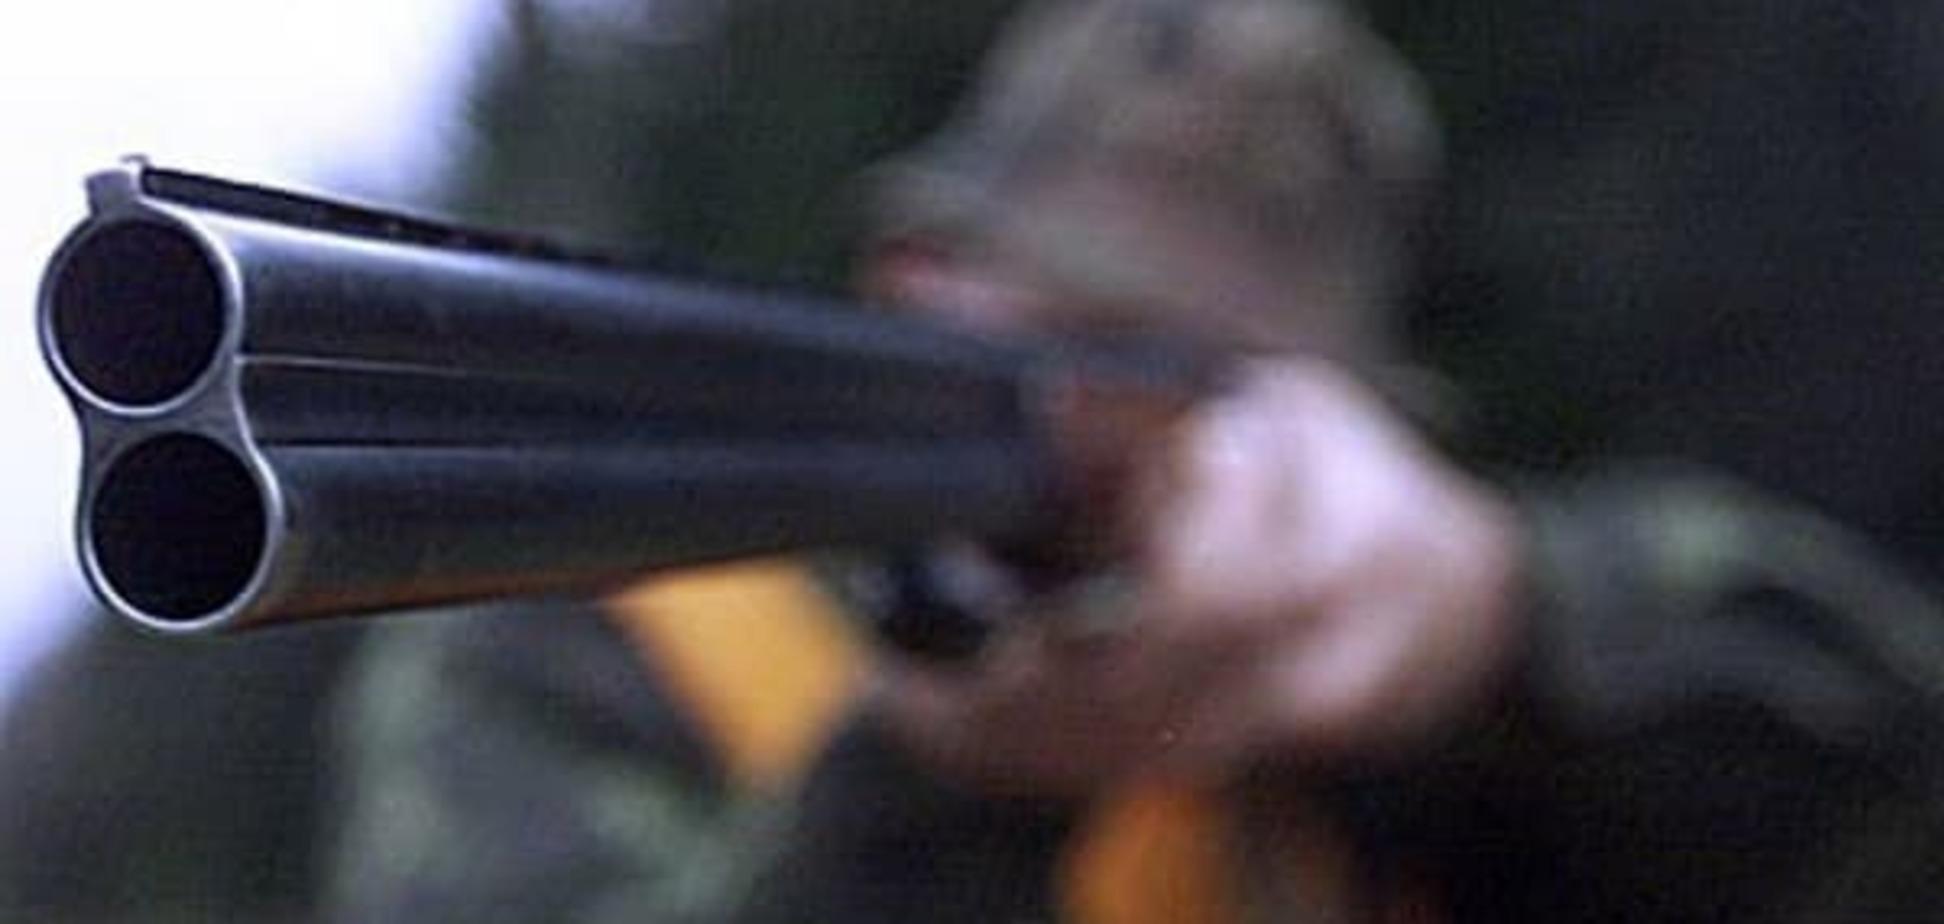 Новорічне сафарі: у Києві чоловік напав на поліцейських із рушницею